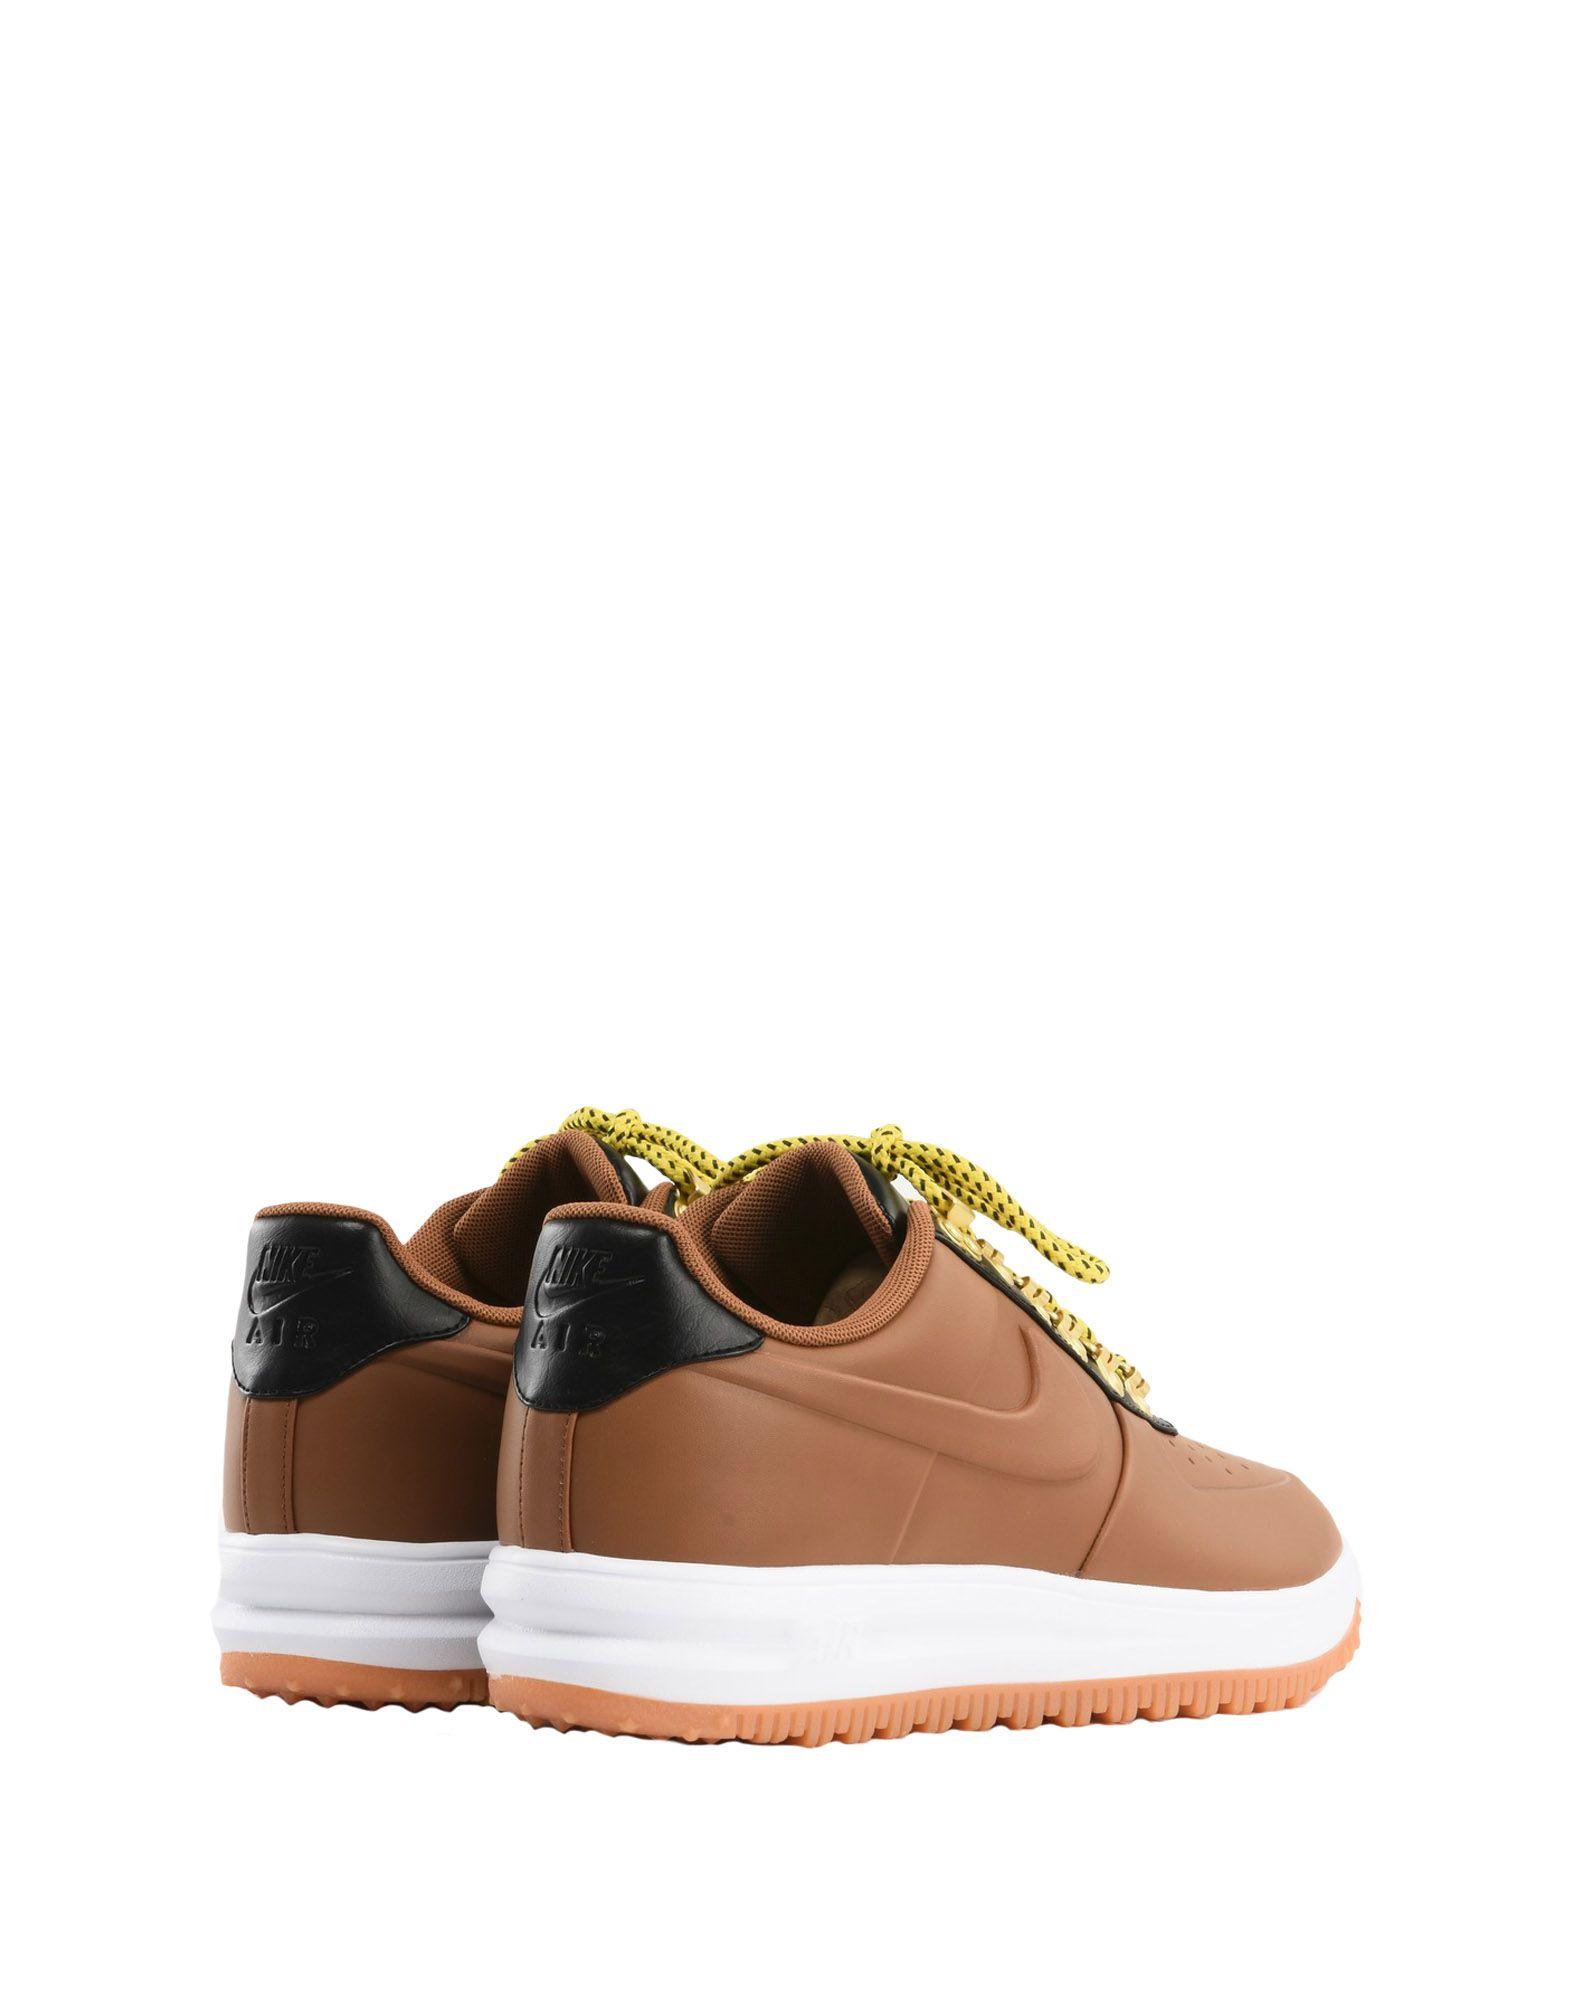 Sneakers Nike Lf1 Duckboot Low - Homme - Sneakers Nike sur